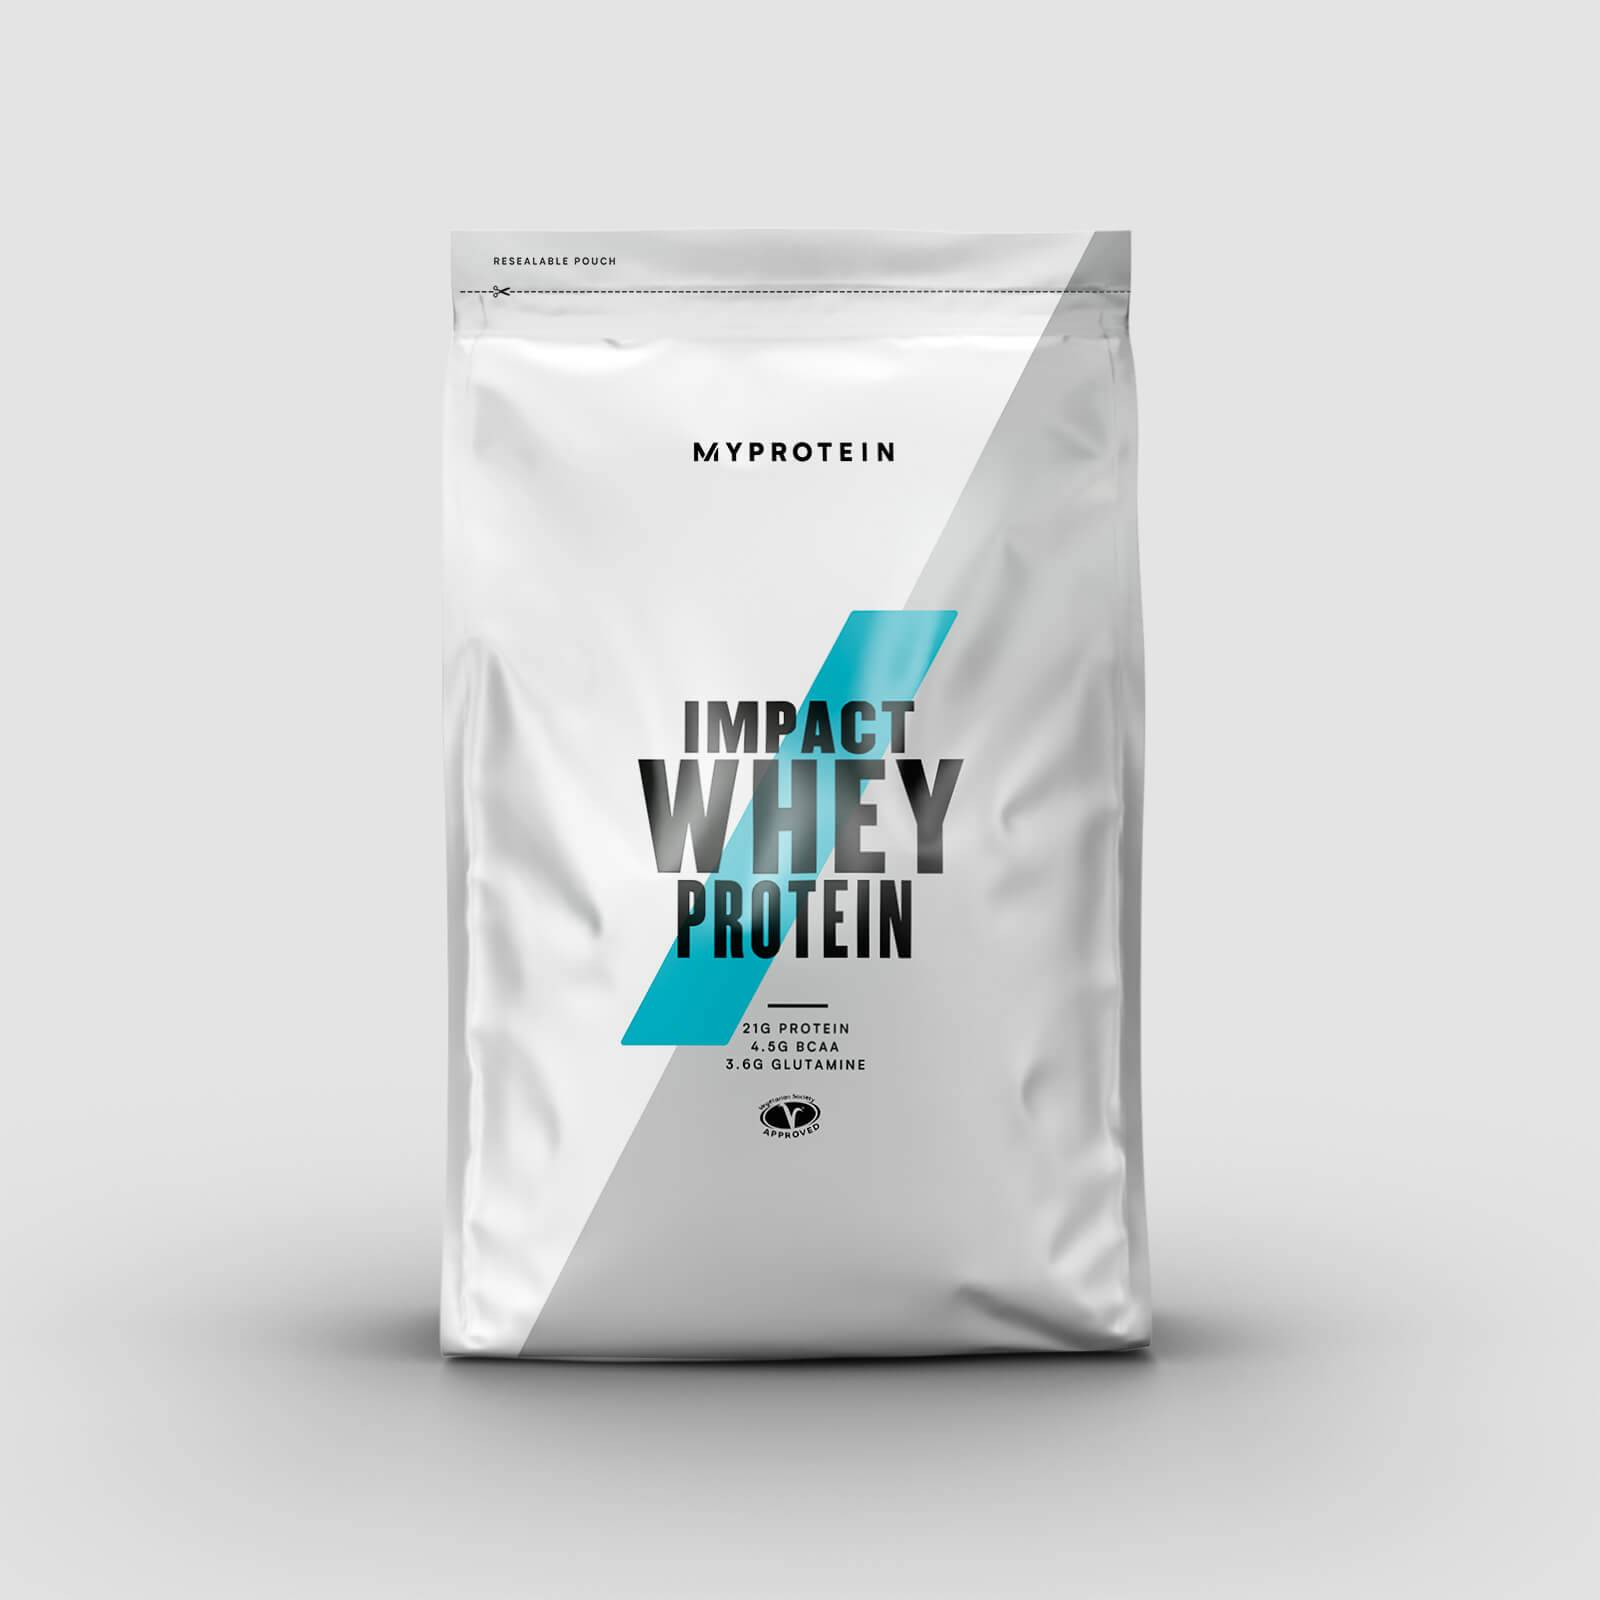 Myprotein Impact Whey Protein - 1kg - Chocolat Brownie